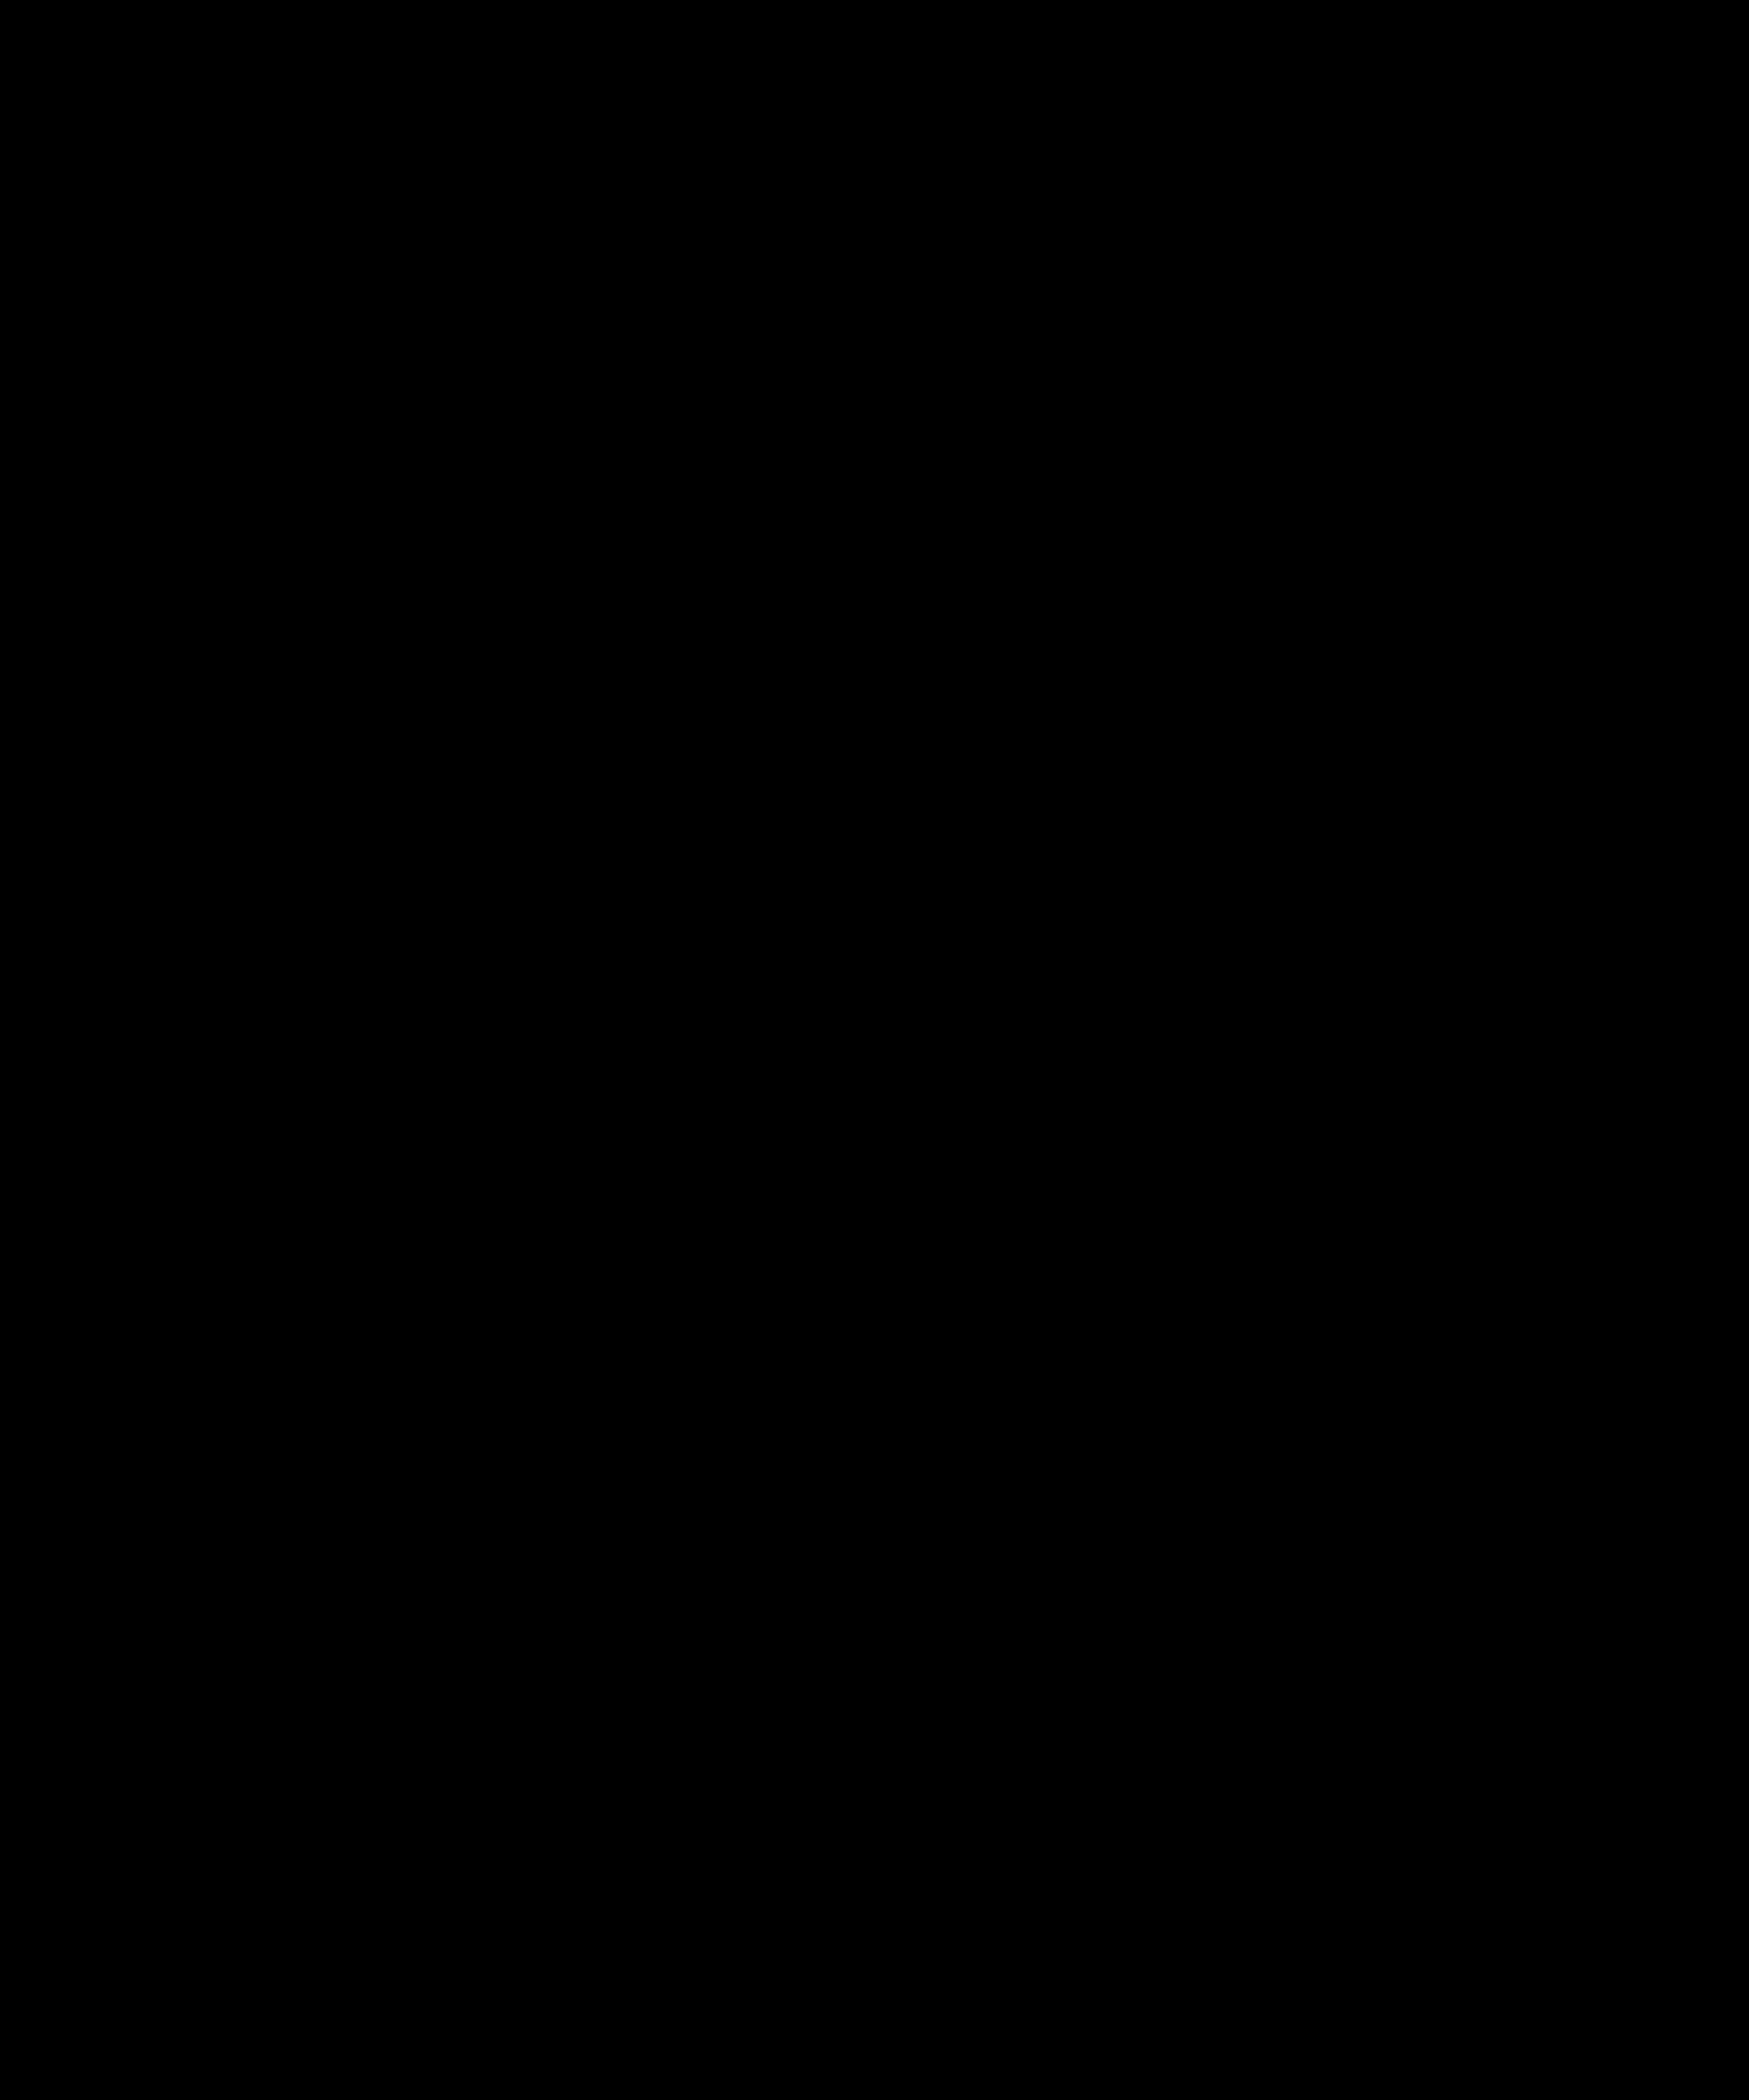 004, 최우, Flower, 72.7 x 60